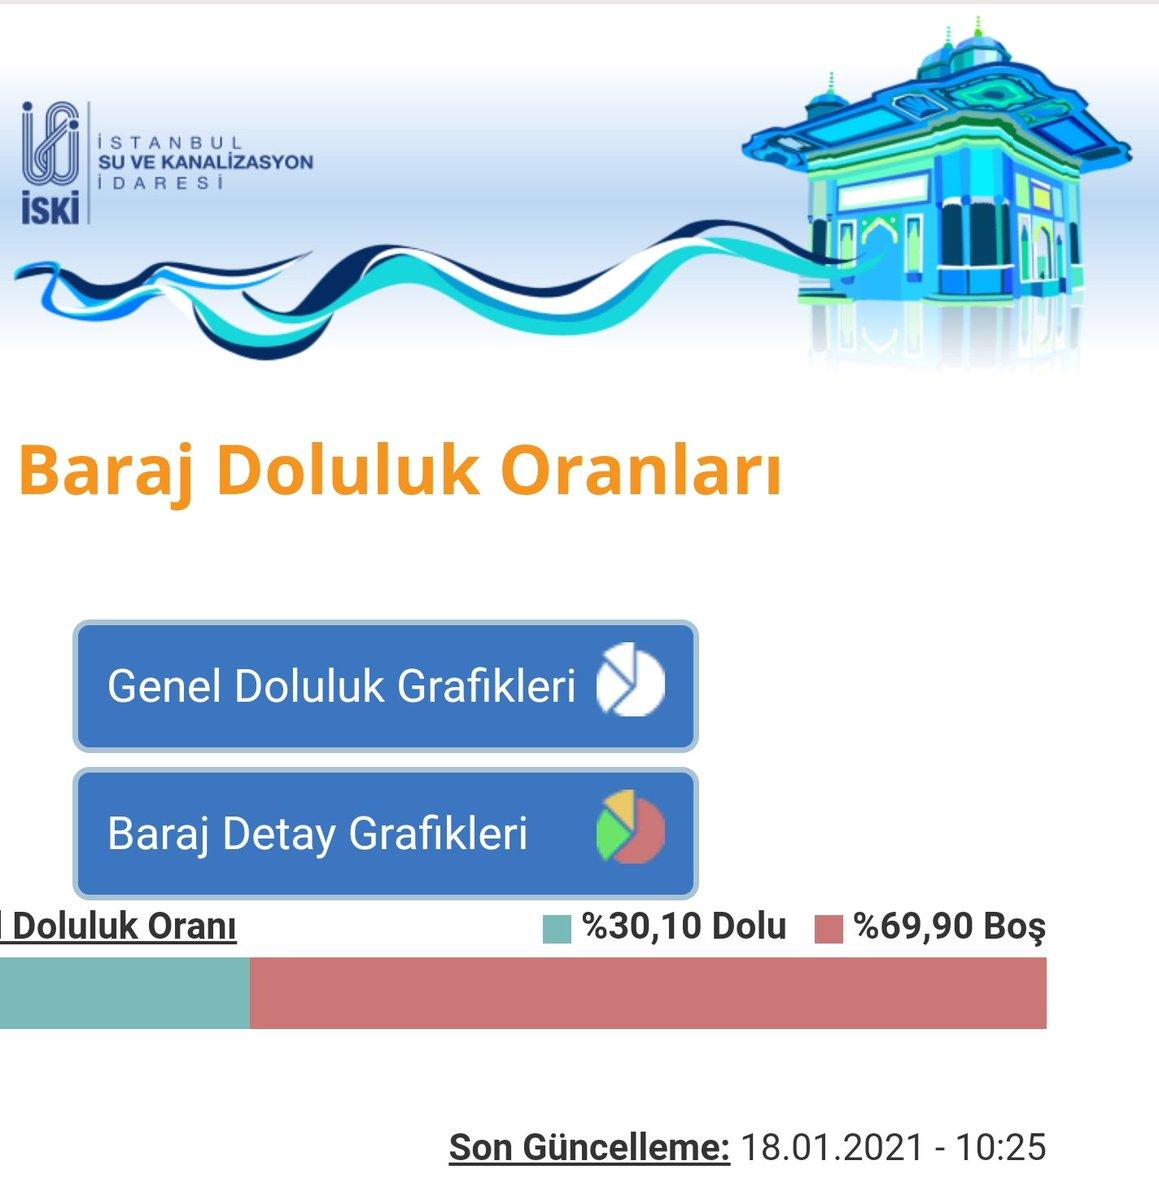 Barajlarımız doluyor, tasarrufa devam... ⛈️ Son yağan kar yağışının ardından, %19'a kadar gerileyen İstanbul barajlarının doluluk oranları %30'a çıktı. 🌨️❄️⛄ Pendik Ömerli Baraj Gölü'nde ise su seviyesi %16'dan %27'ye yükseldi. Lütfen suyumuzu dikkatli kullanalım. 💧 https://t.co/Yvf895GH2H